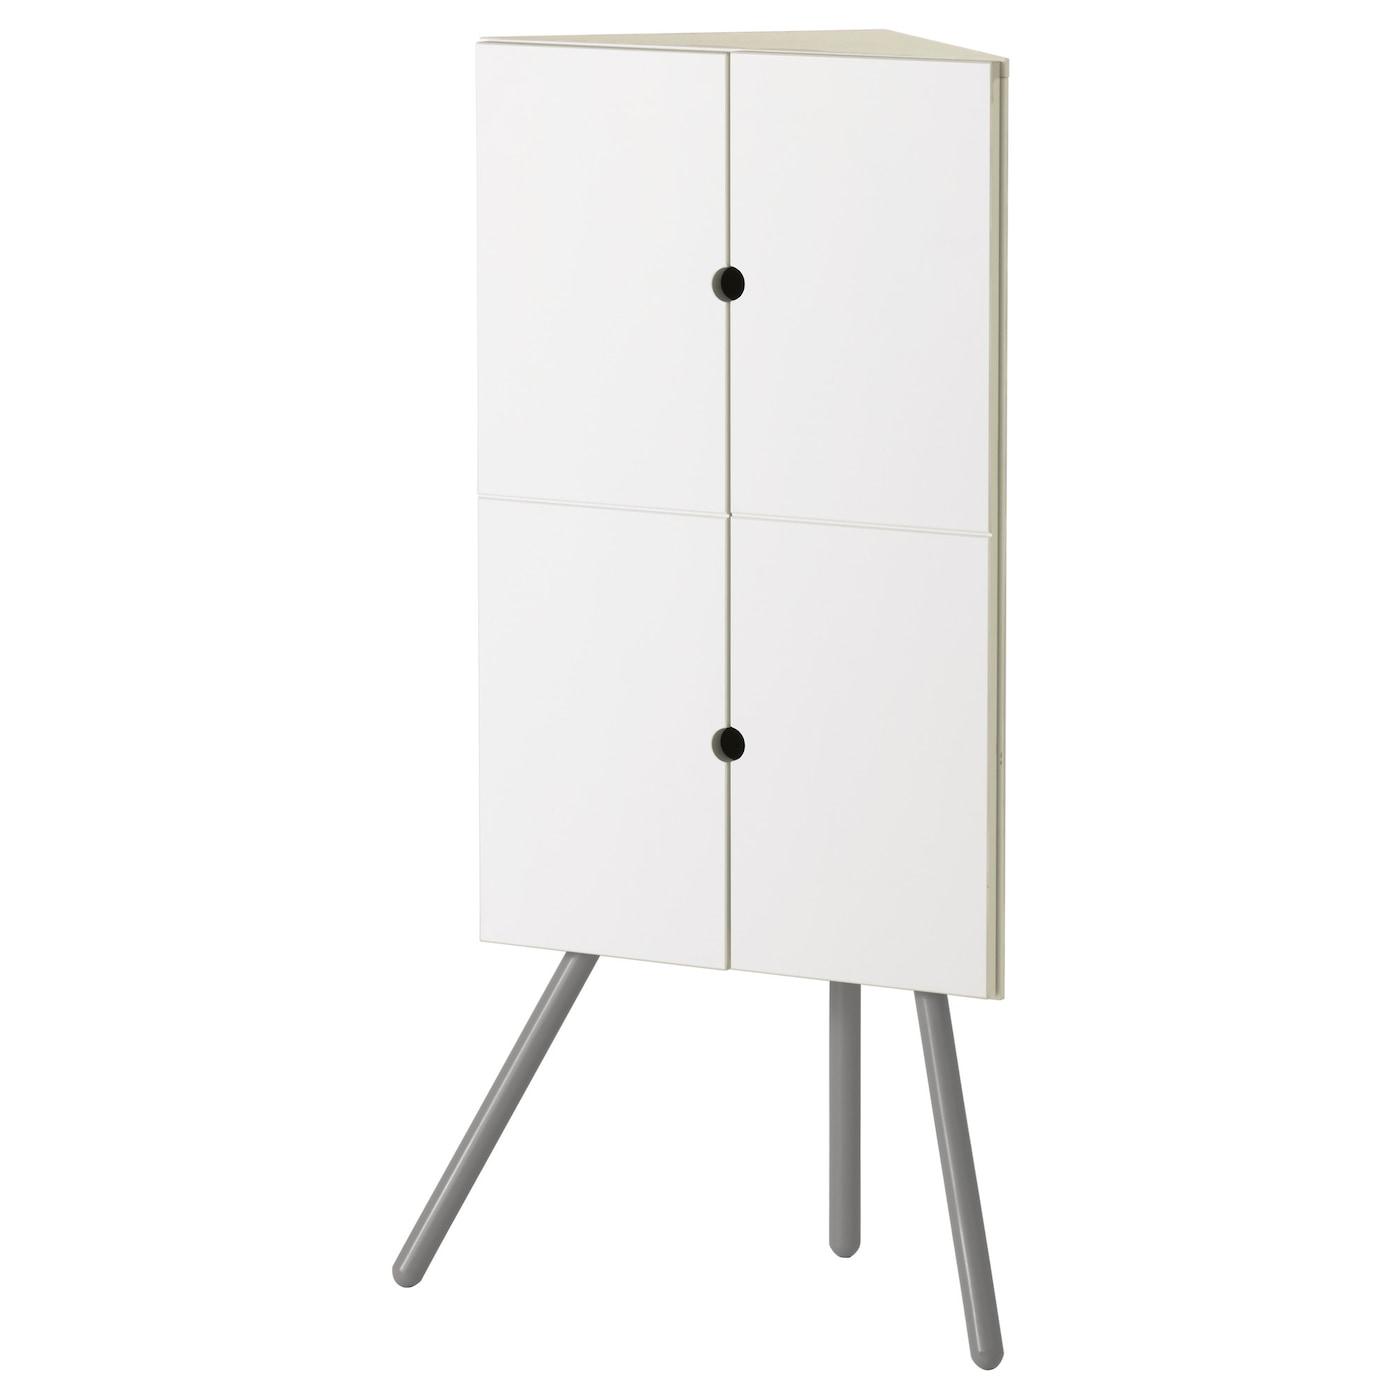 Ikea ps 2014 corner cabinet white grey 52x110 cm ikea - Meuble de rangement wc ikea ...